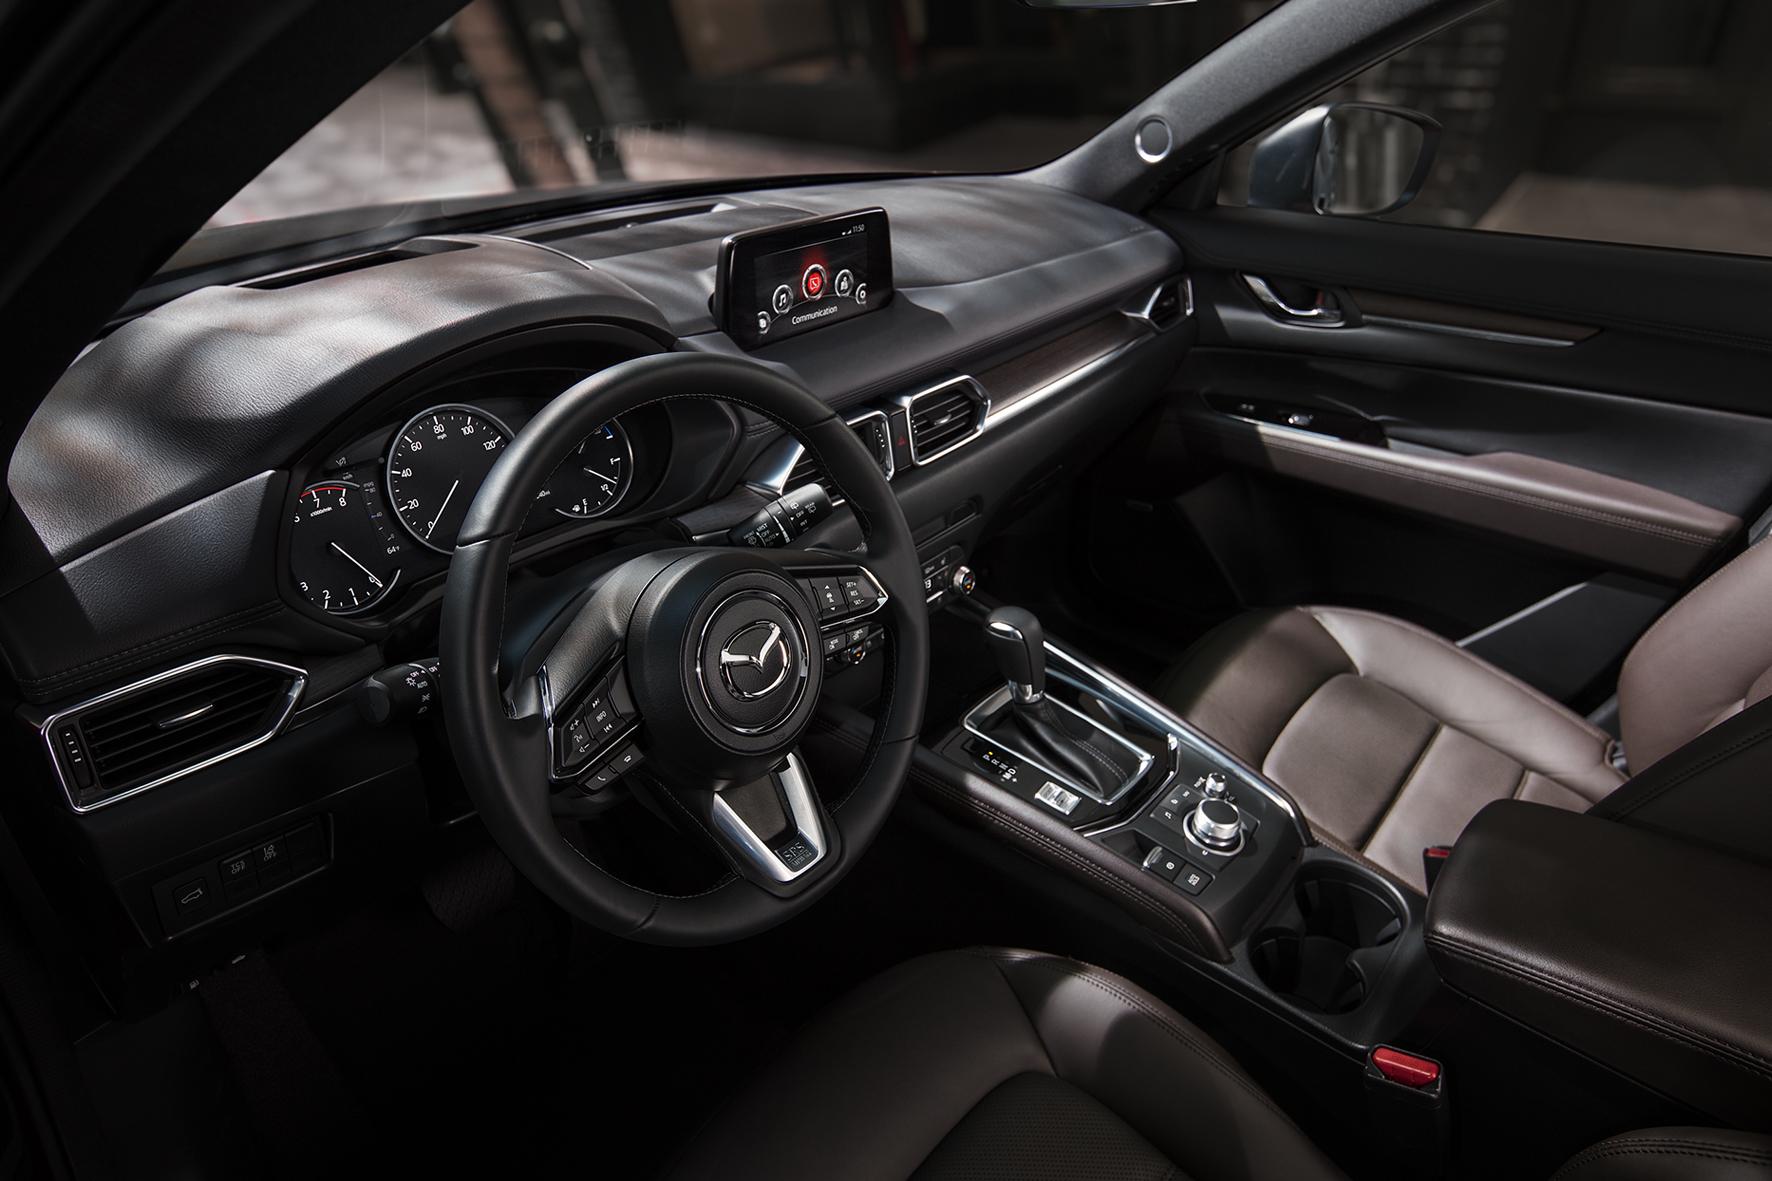 Ưu thế nào giúp Mazda CX-5 'thống lĩnh' phân khúc SUV cỡ trung tại Việt Nam? - Ảnh 5.